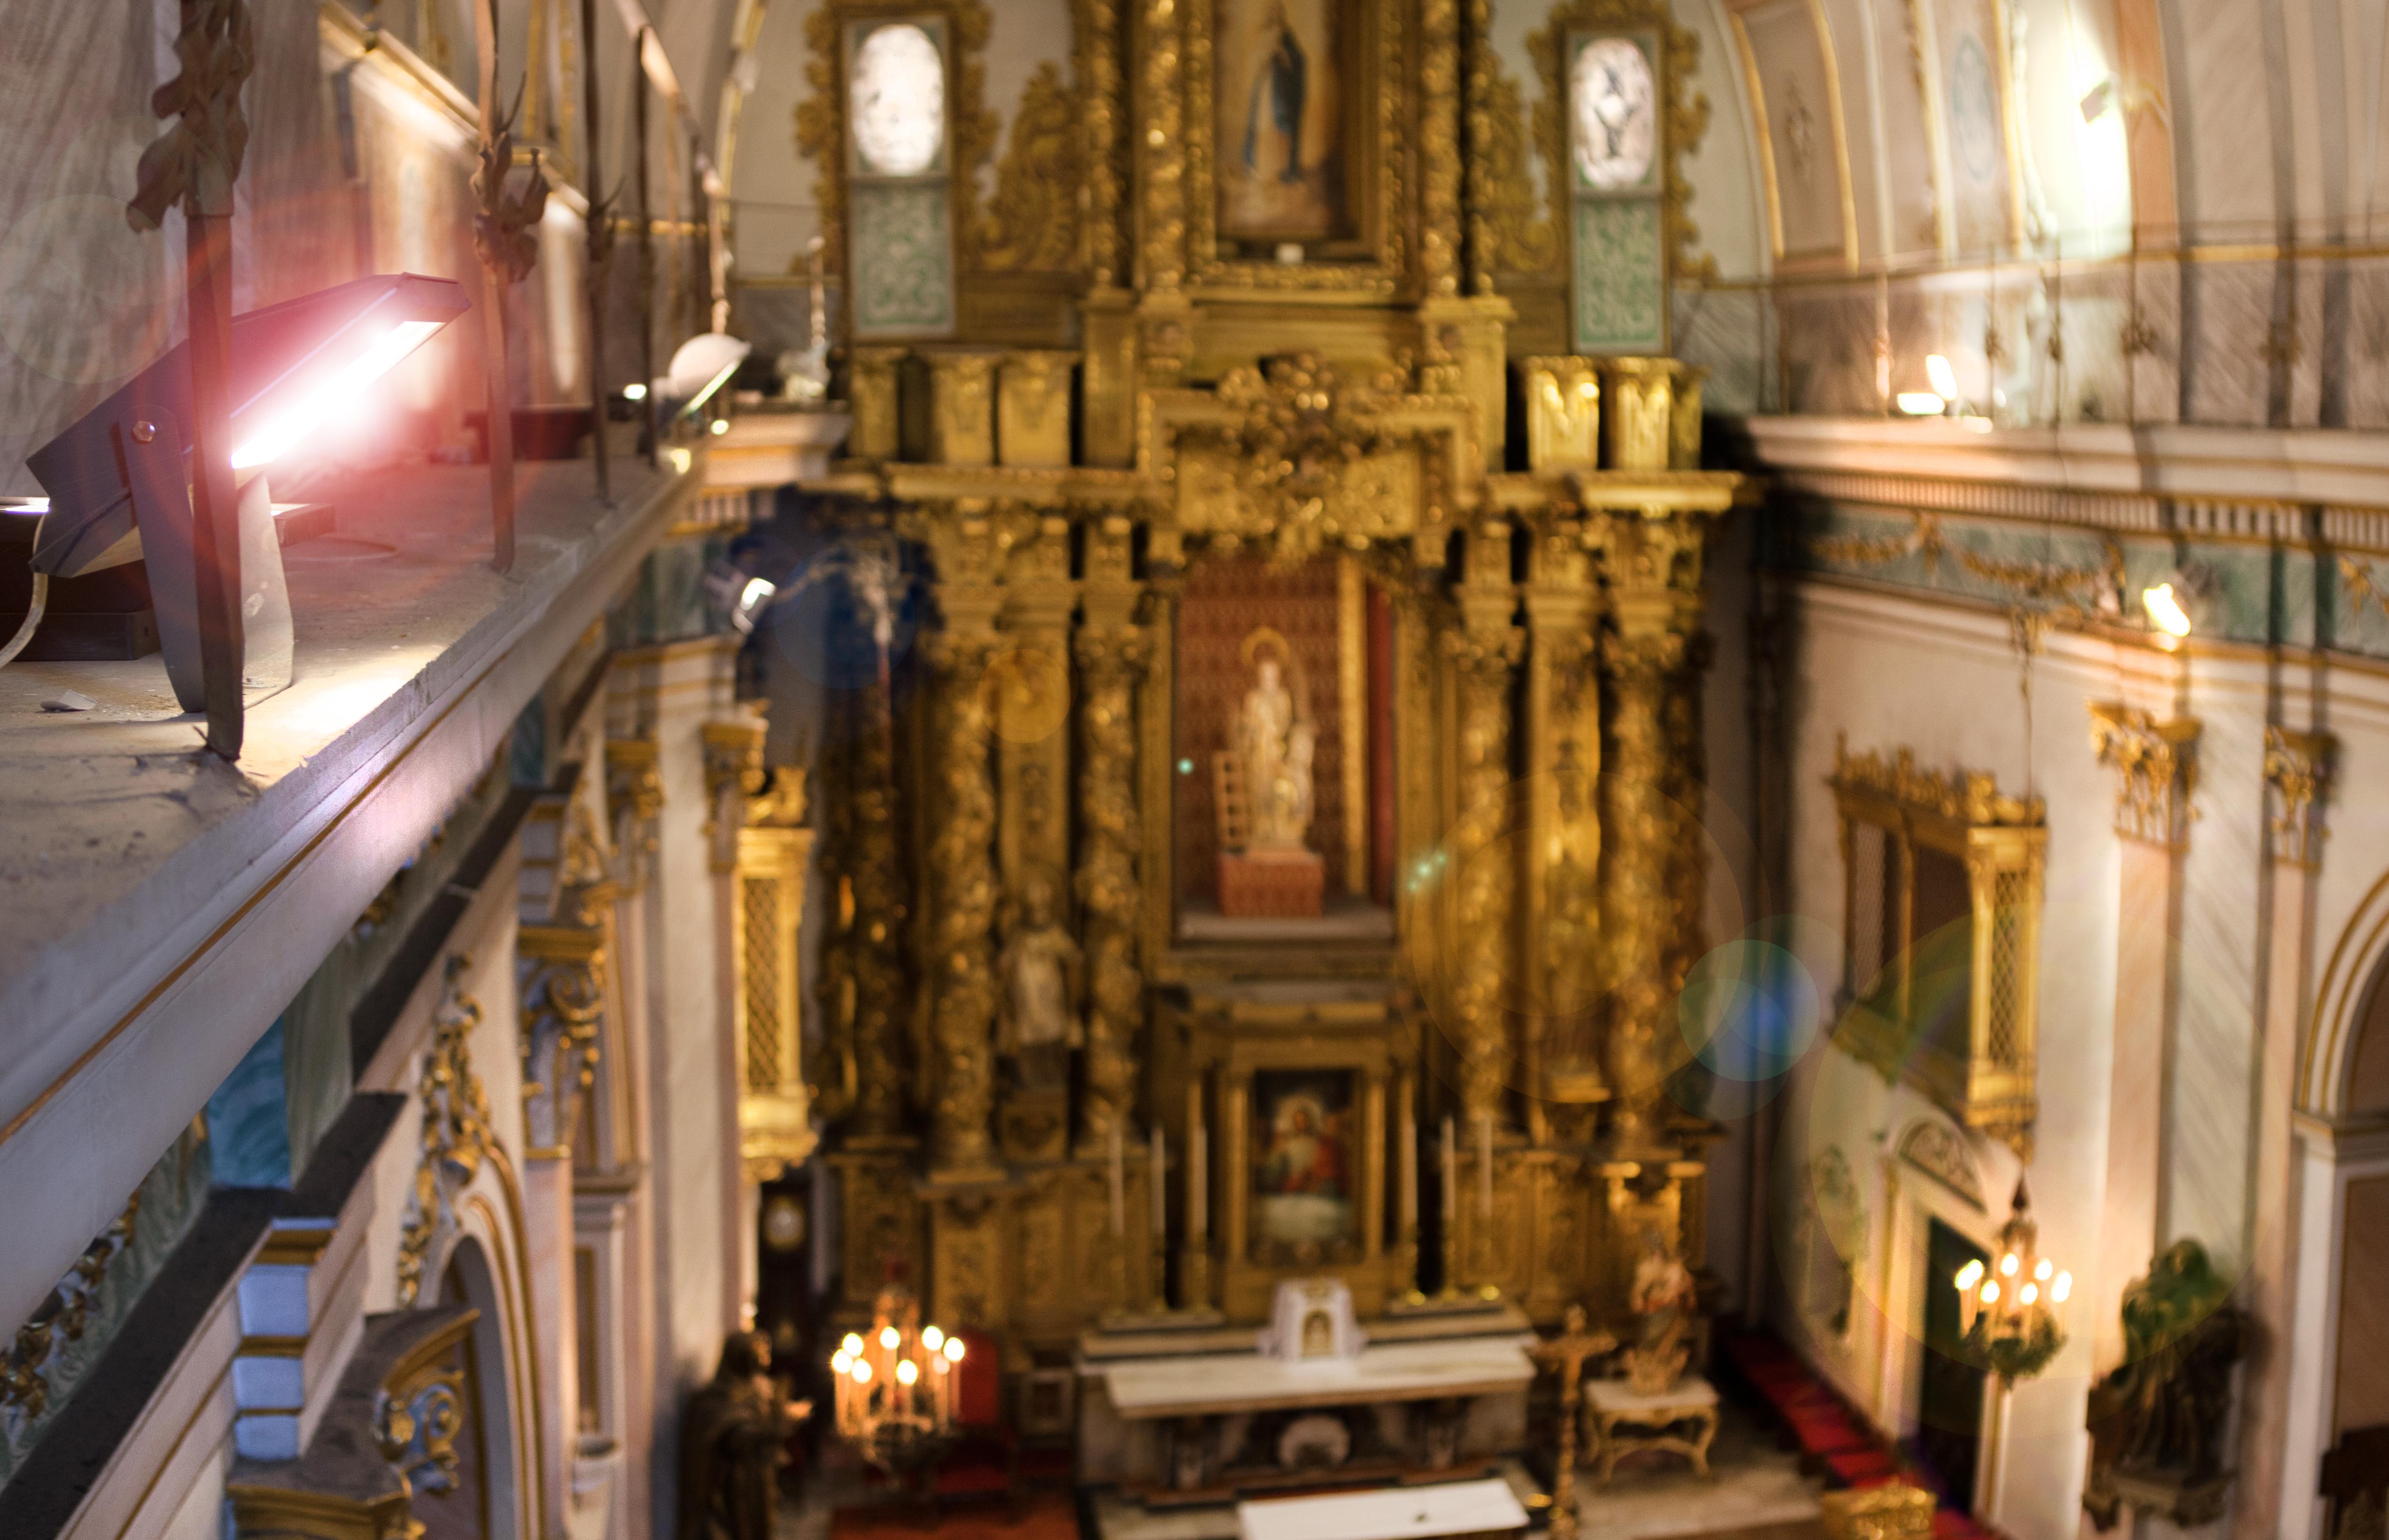 Iluminación Iglesia San lorenzo, padres franciscanos. Valencia. 4